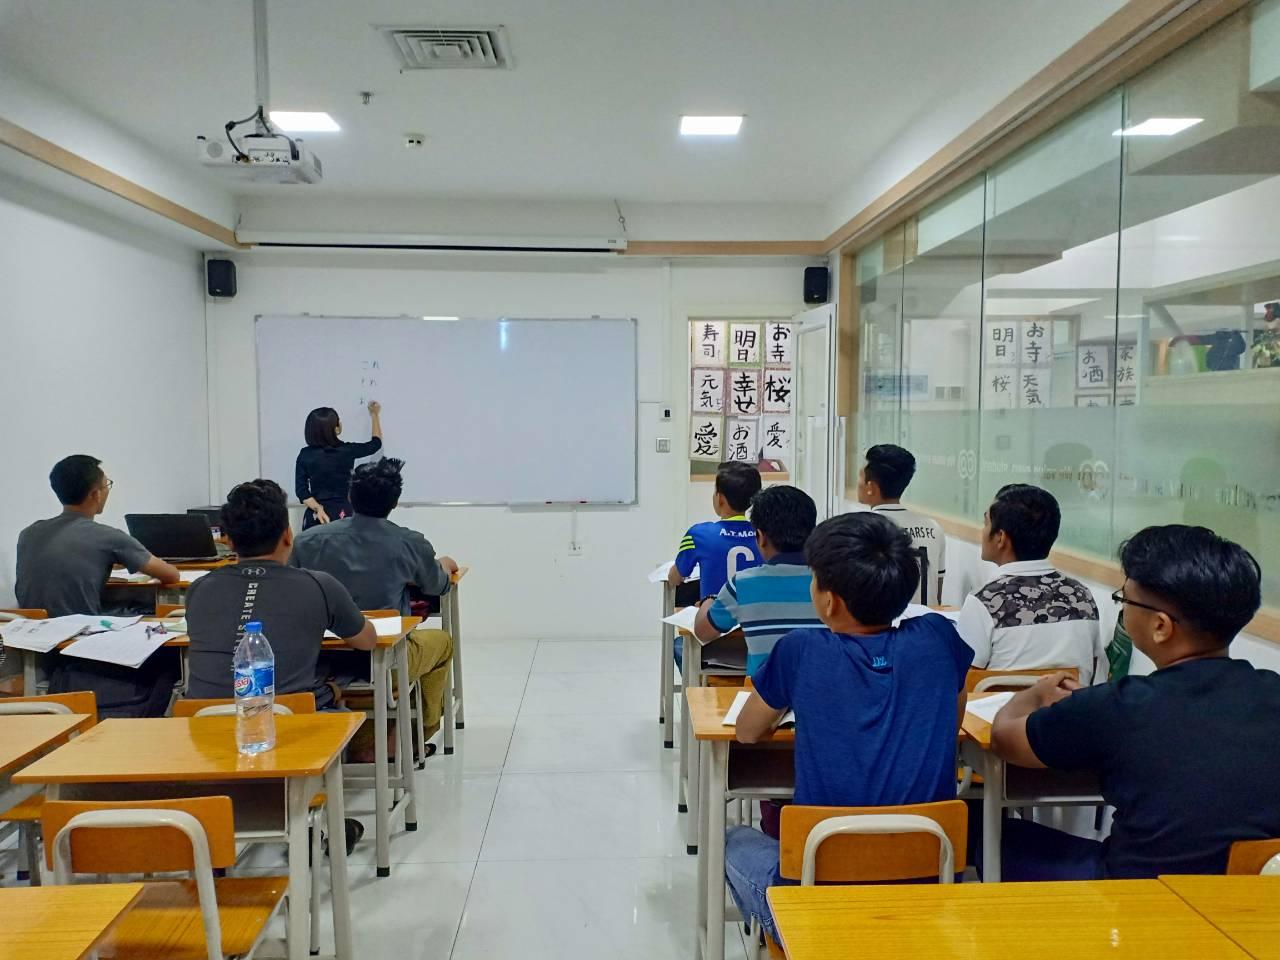 合格者の健康診断、雇用契約、 日本語学習スタート